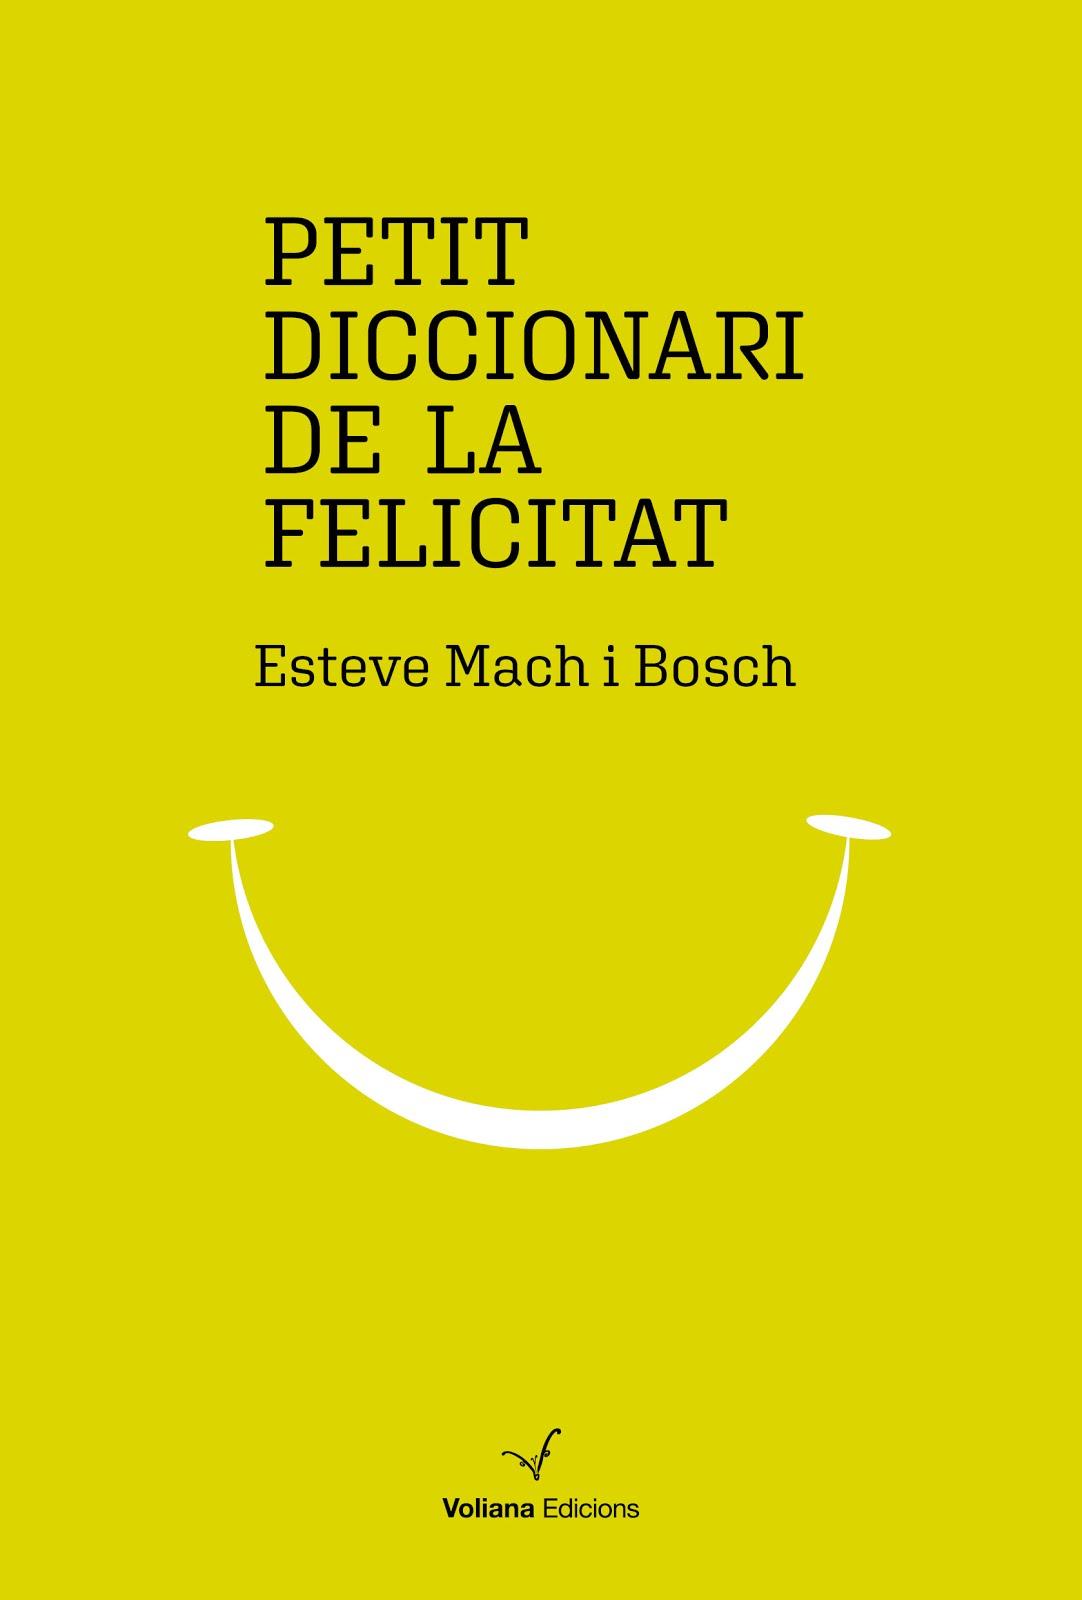 Petit Diccionari de la Felicitat